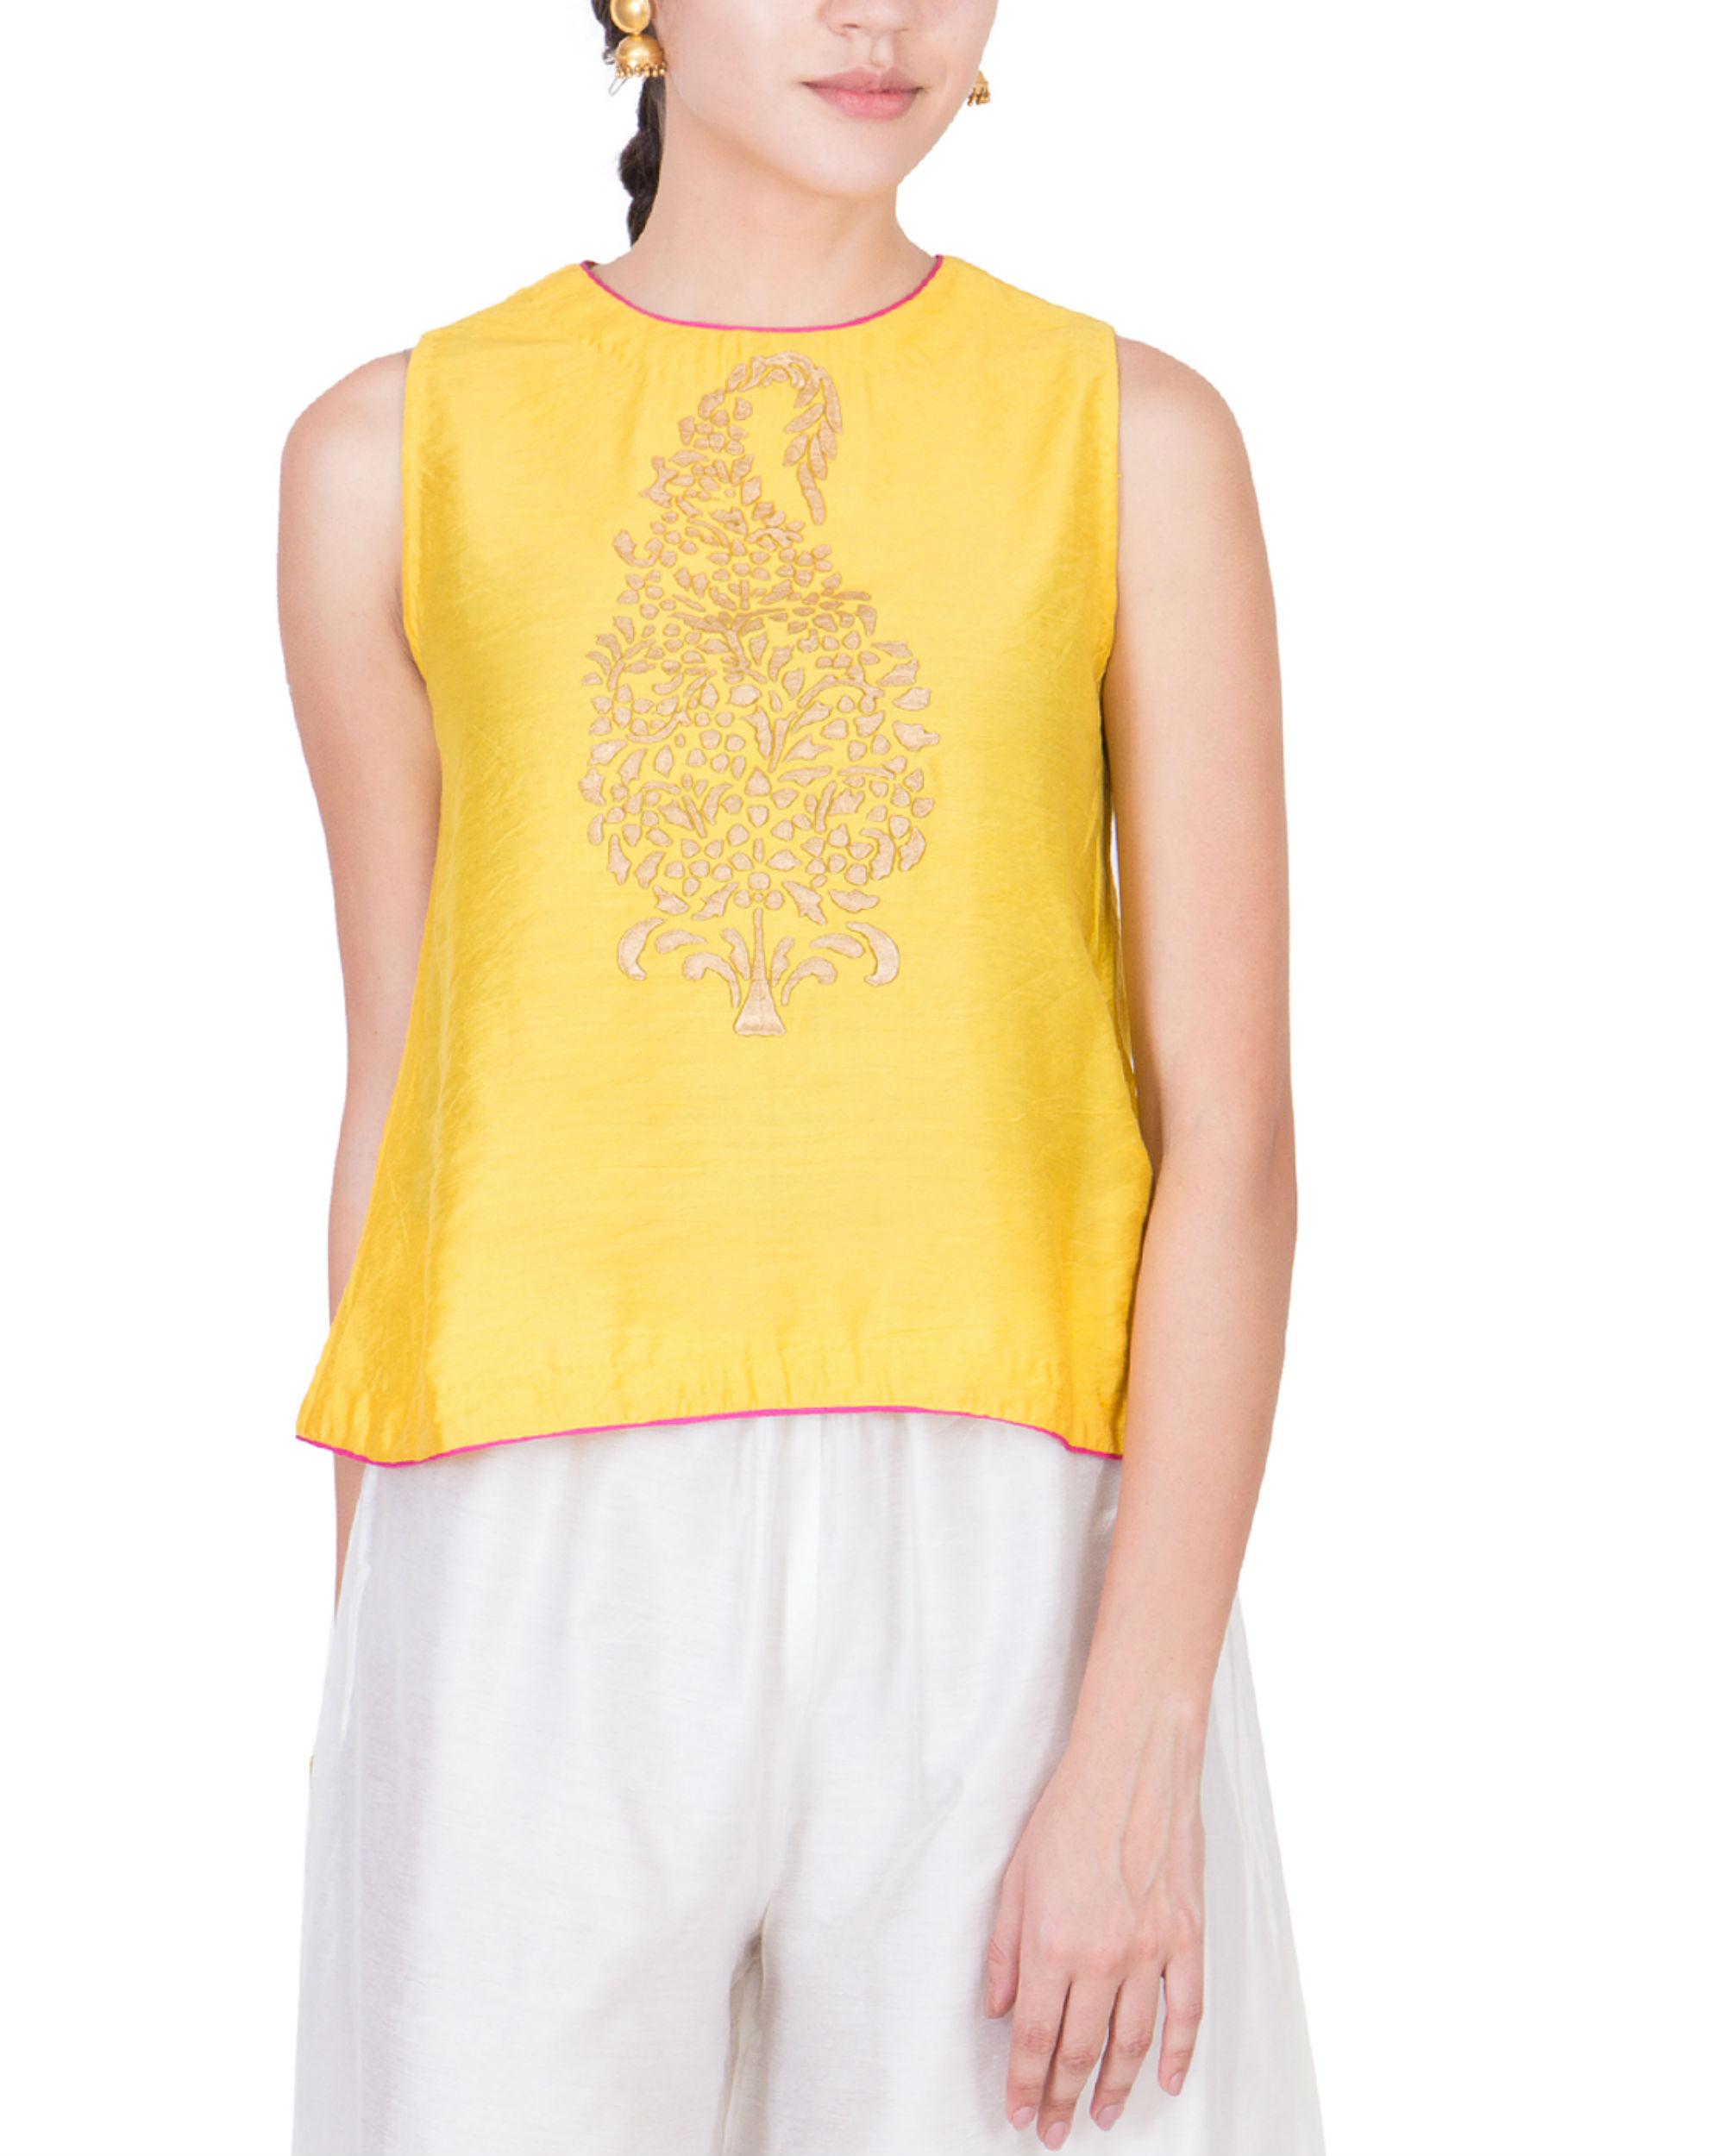 Yellow block printed top